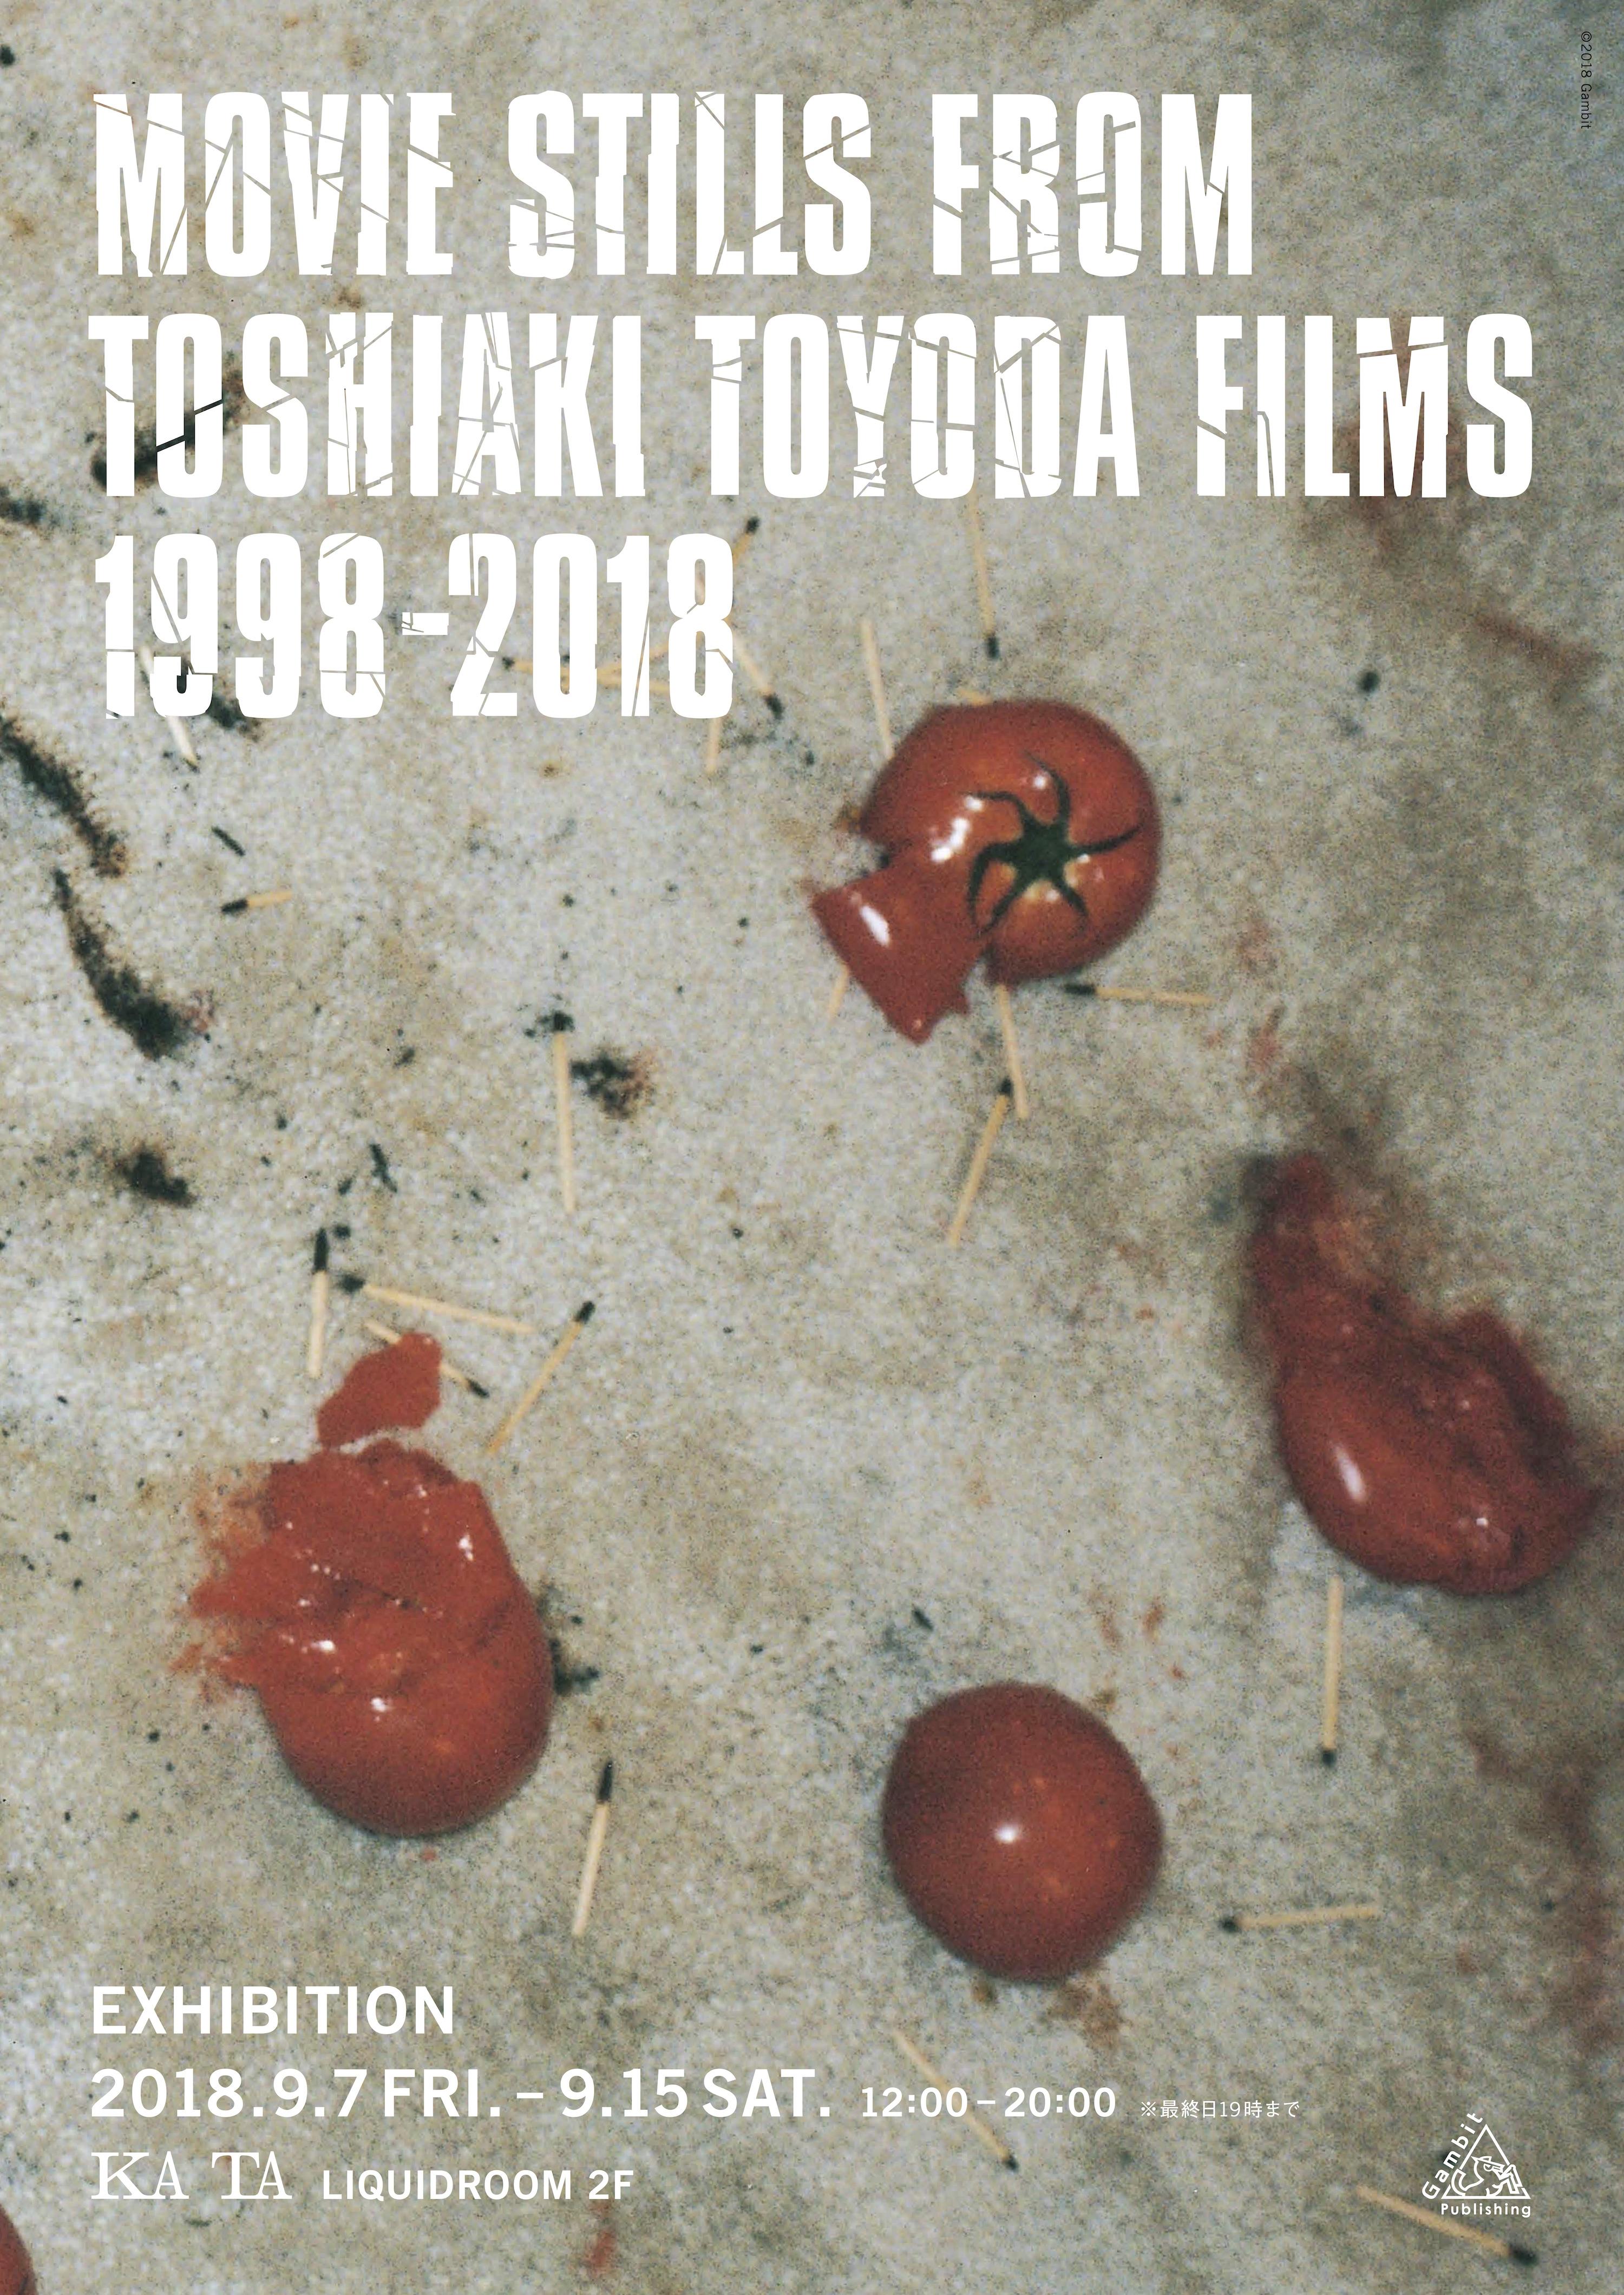 TOYODAbook_B0_Poster_01